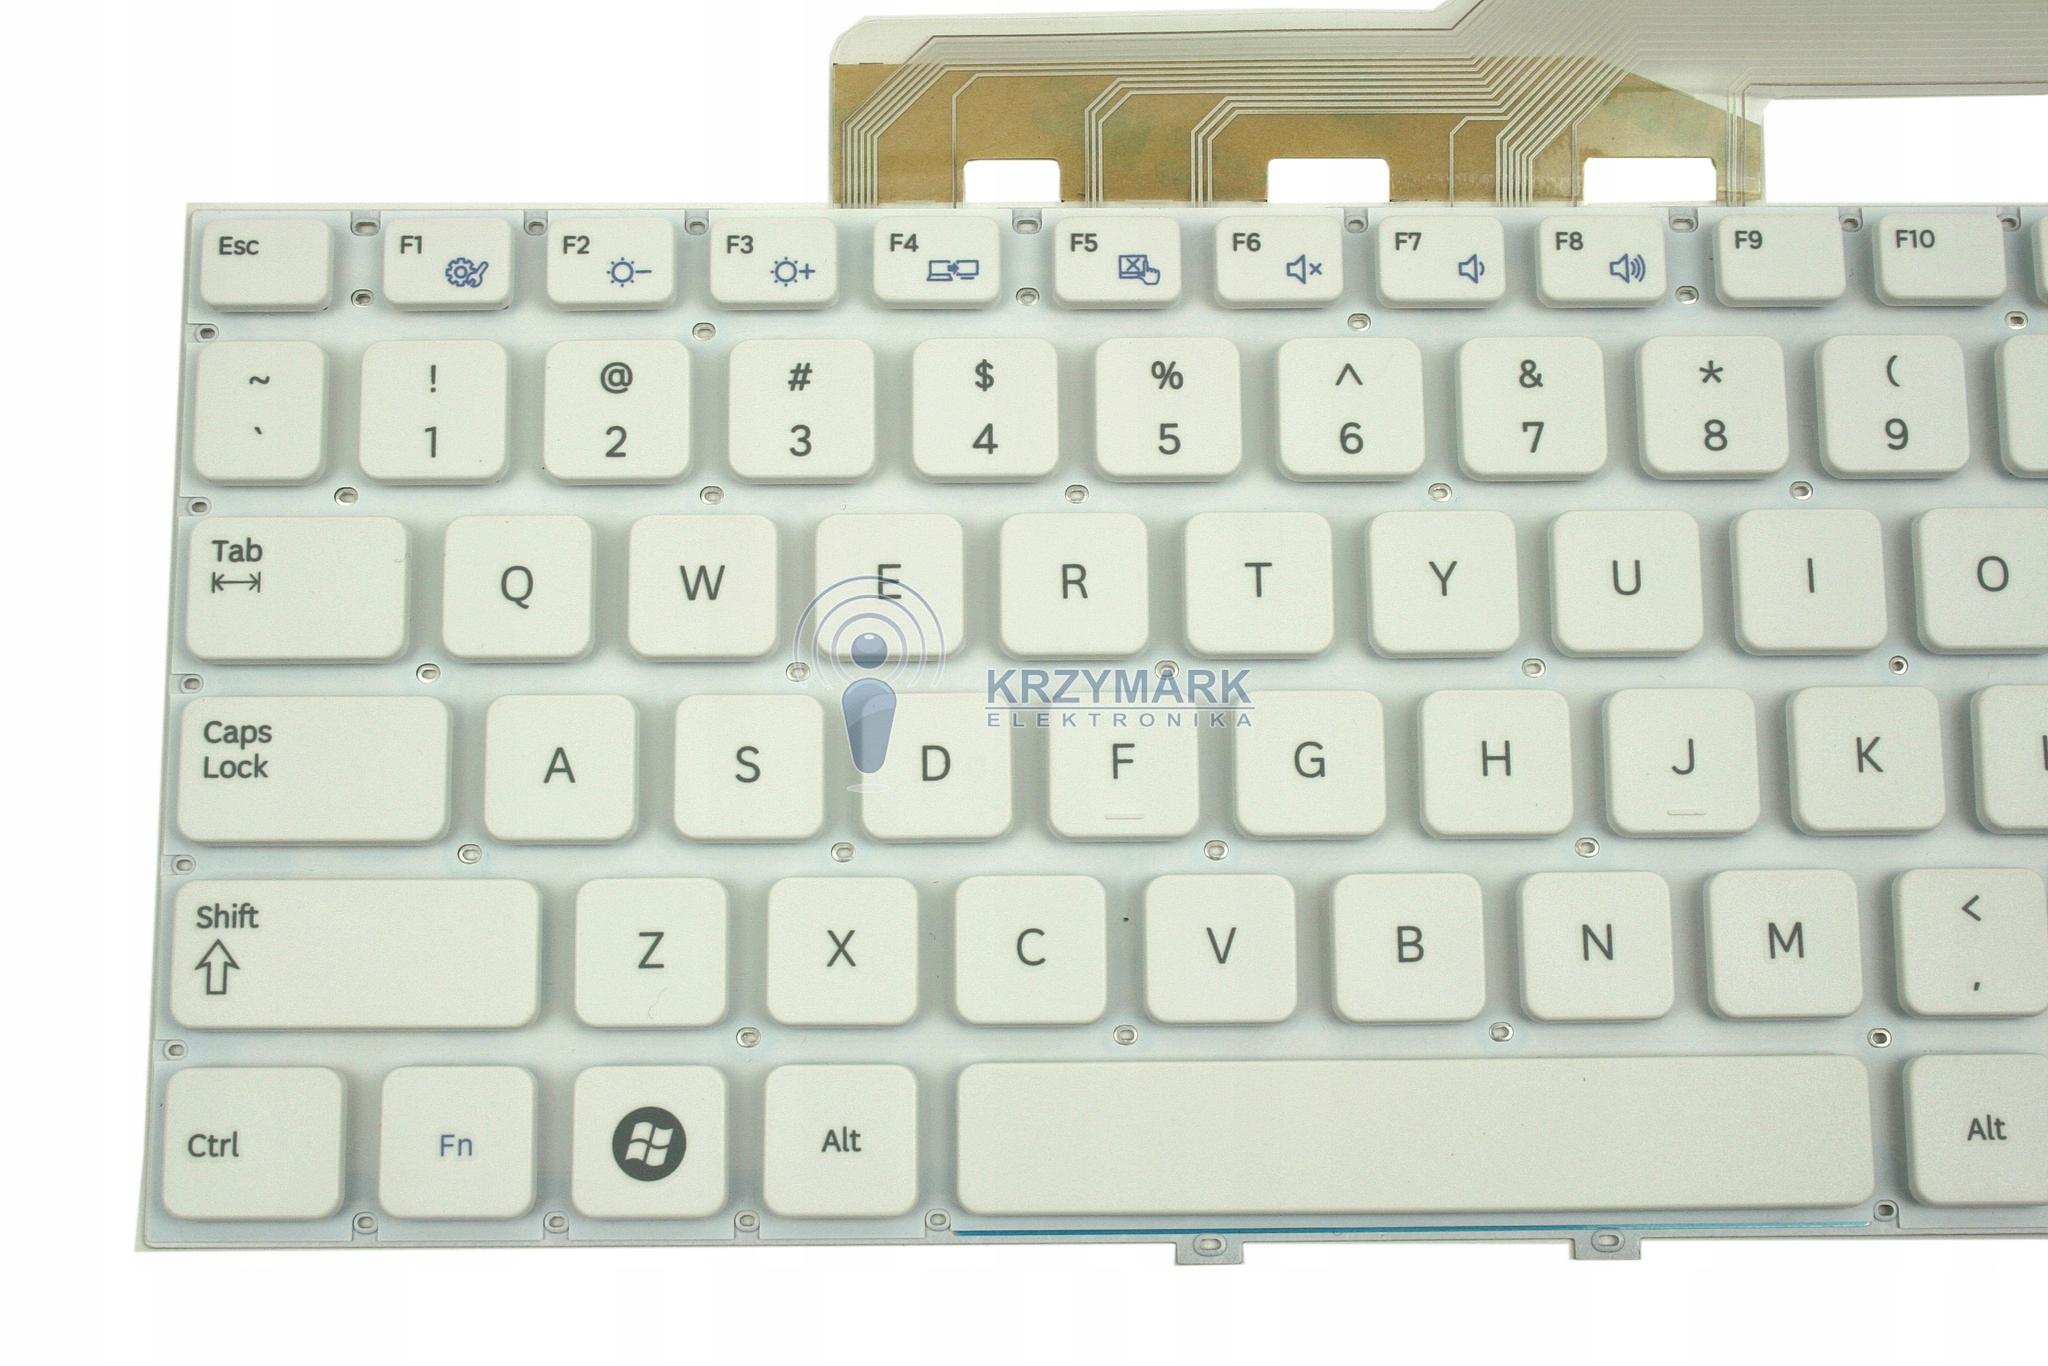 KLAWIATURA SAMSUNG 300E5A NP300E5A 300V5A NP300V5A - Klawiatury do laptopów